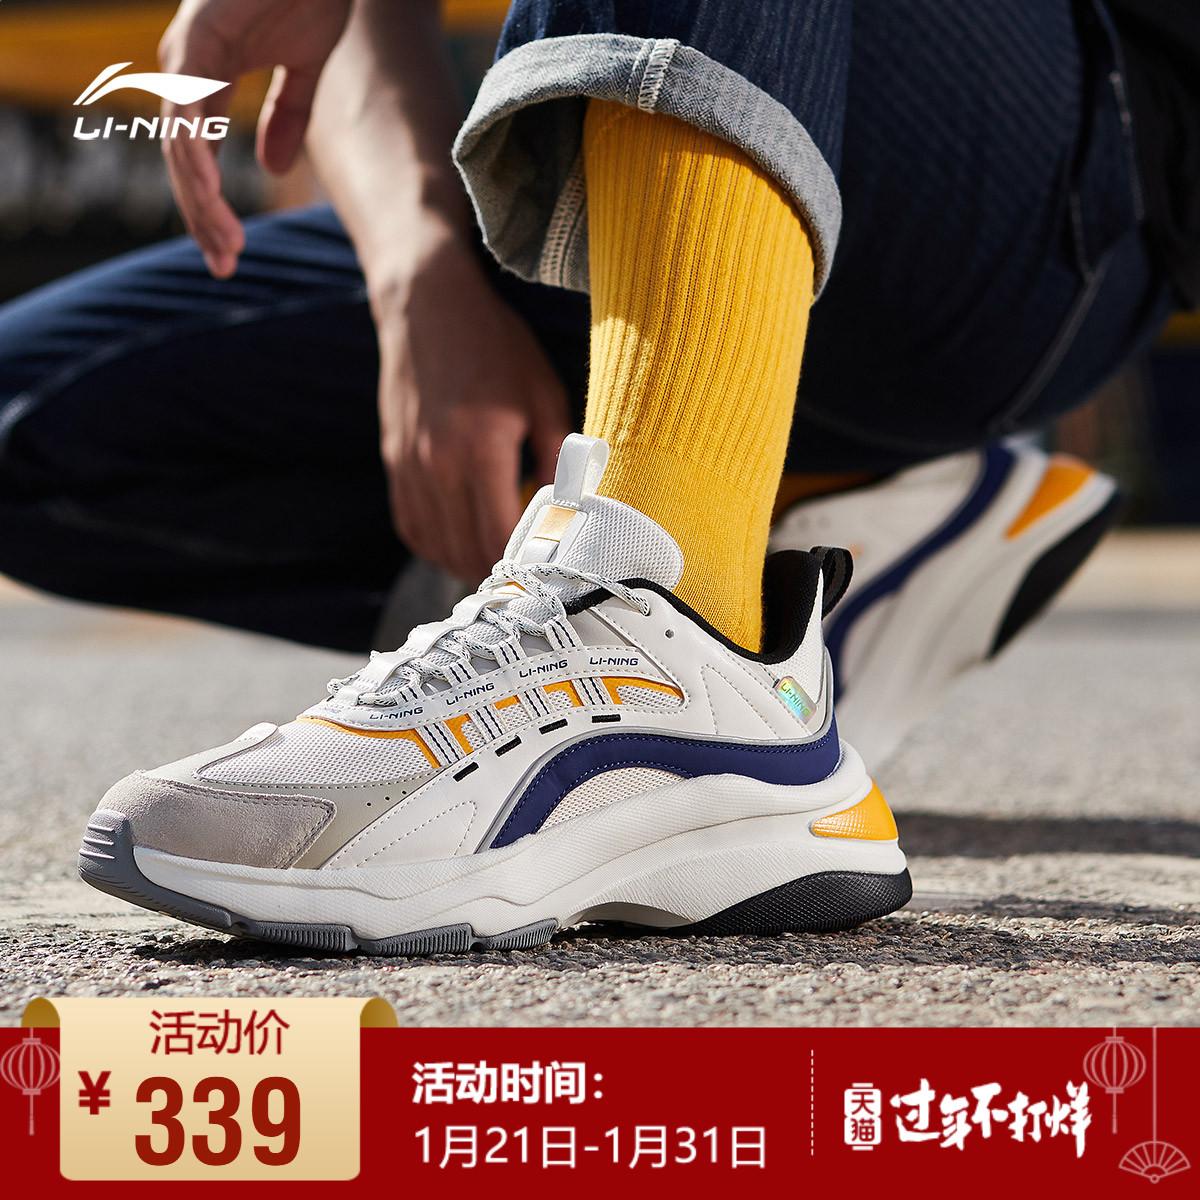 李宁休闲鞋男鞋2020新款经典鞋子男士低帮运动鞋AGCQ115